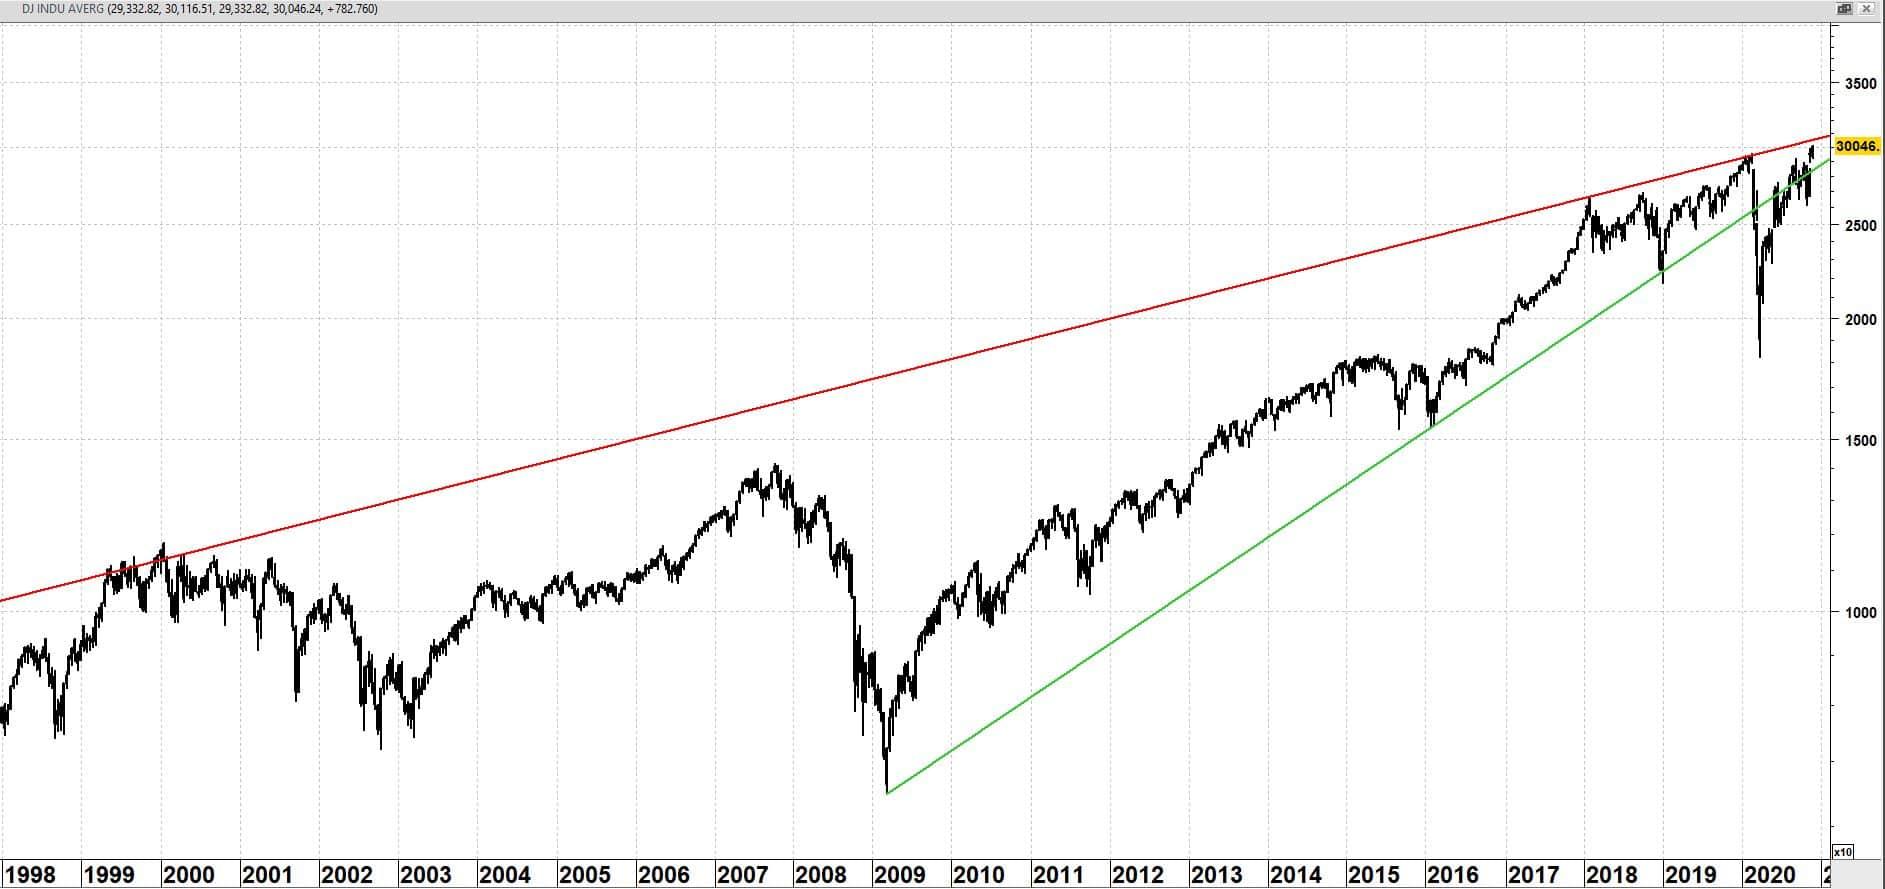 Dow Jones Industrial Average op weekbasis vanaf 1998 (log-schaal)